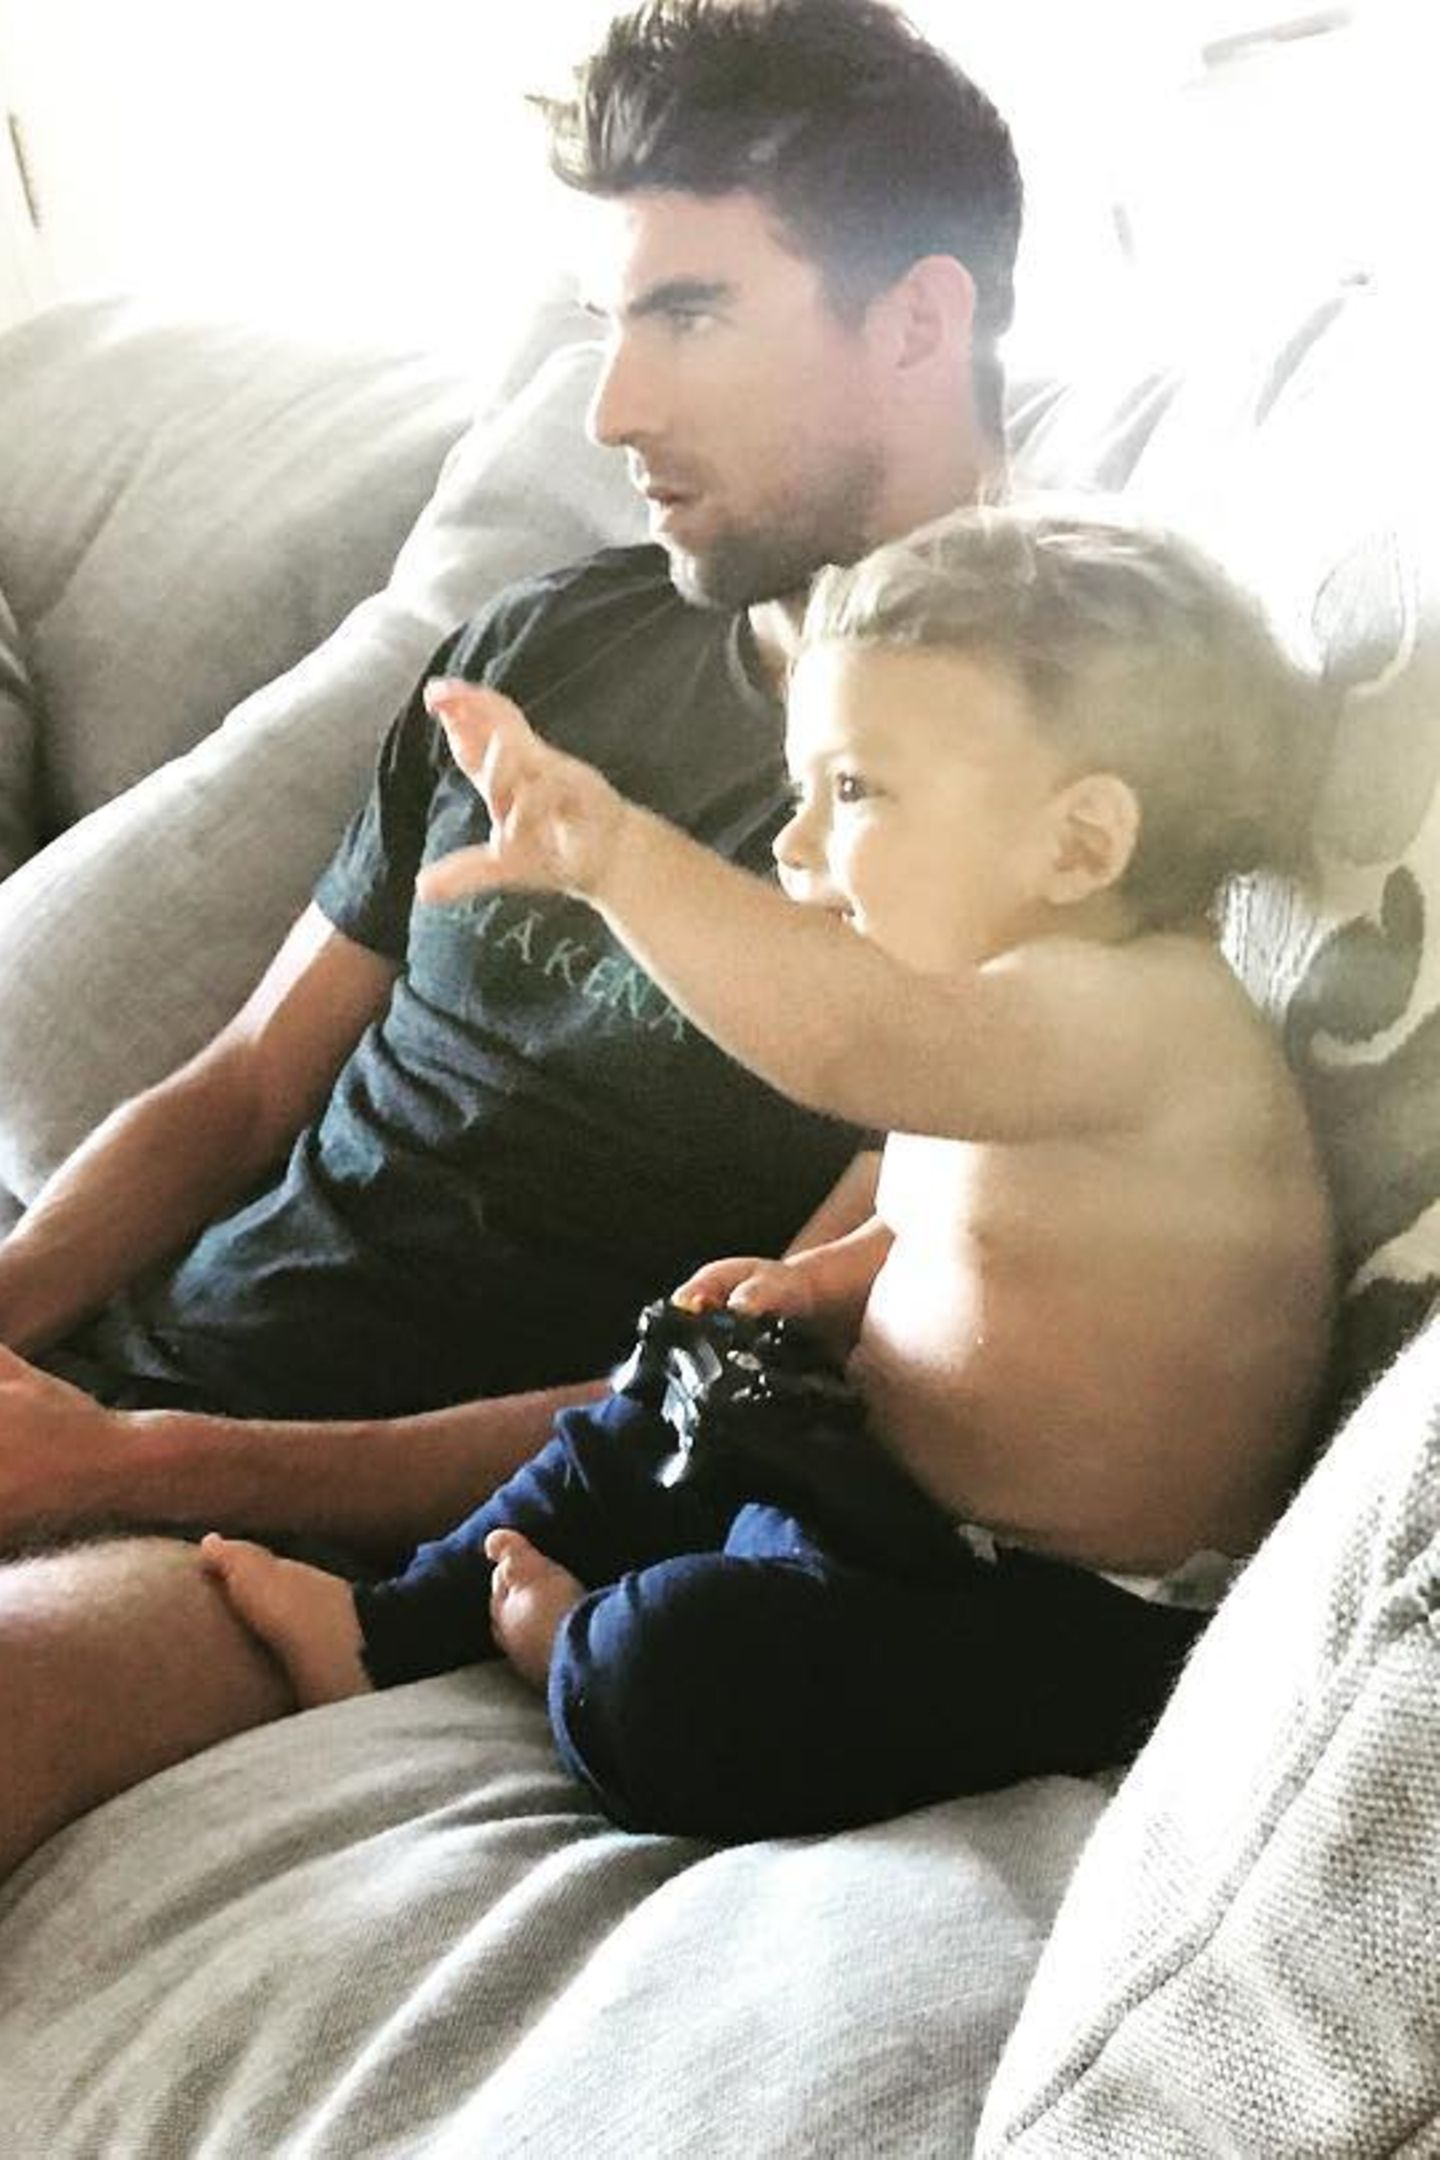 """Auf die Kuscheleinheit folgt Spielzeit: Zusammen mit Papa Michael zockt Boomer Videospiele. """"Ich hab den besten Papa!"""" steht unter dem Schnappschuss auf Instagram"""